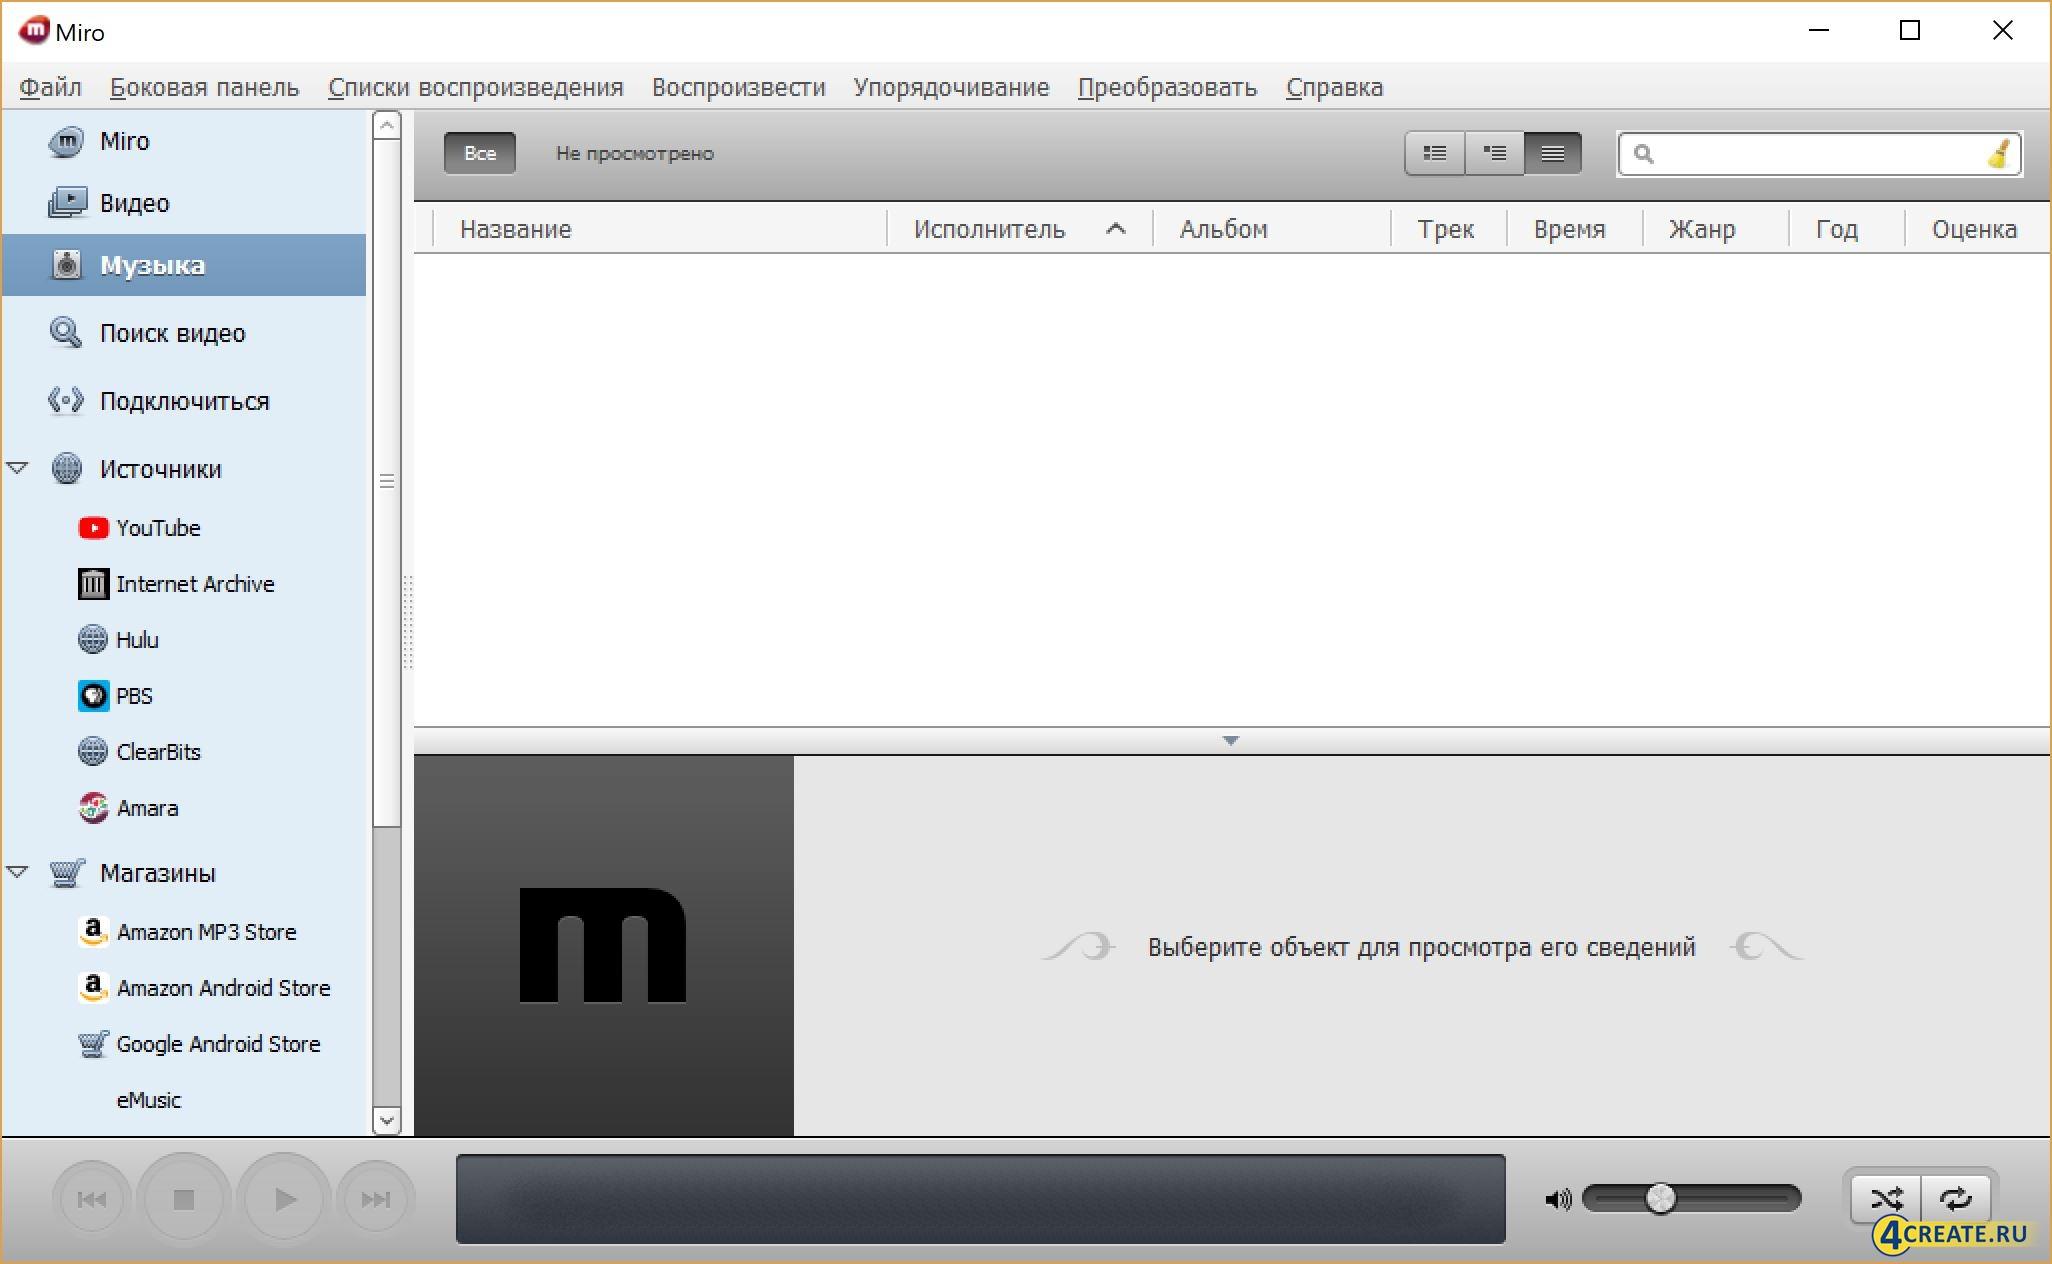 Miro 6.0 (Скриншот 2)